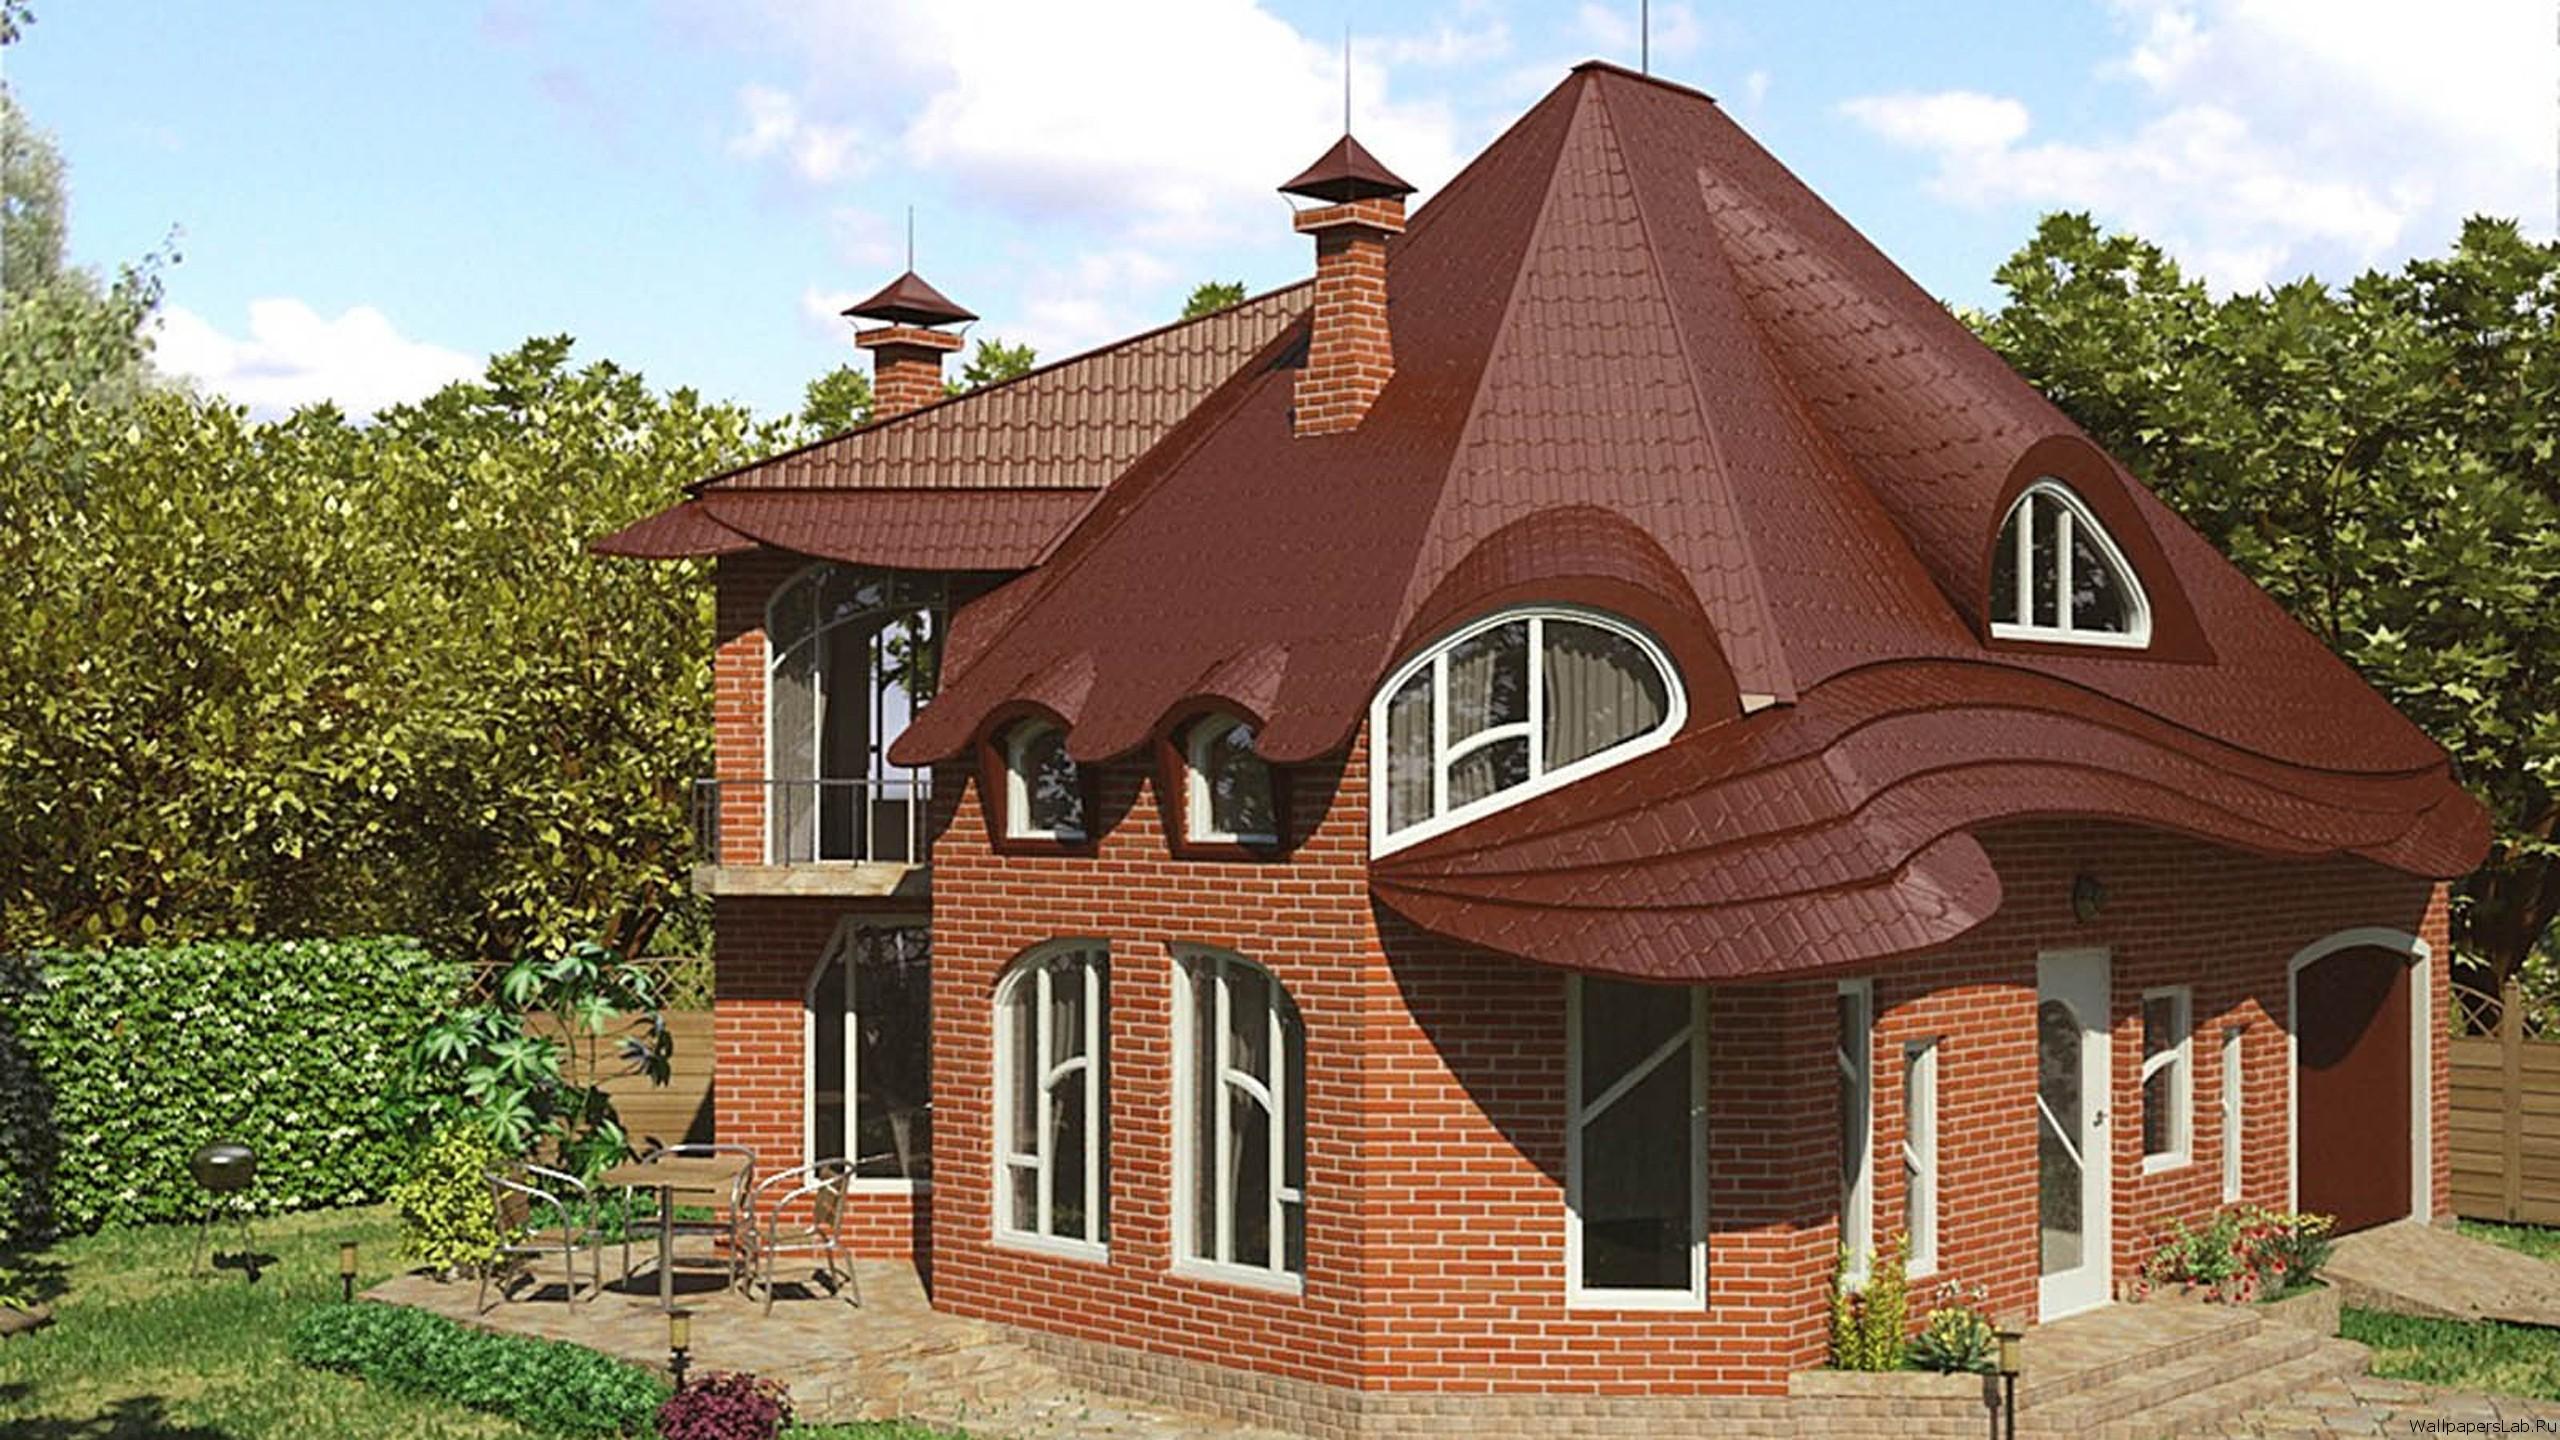 Faltsevy roof 98